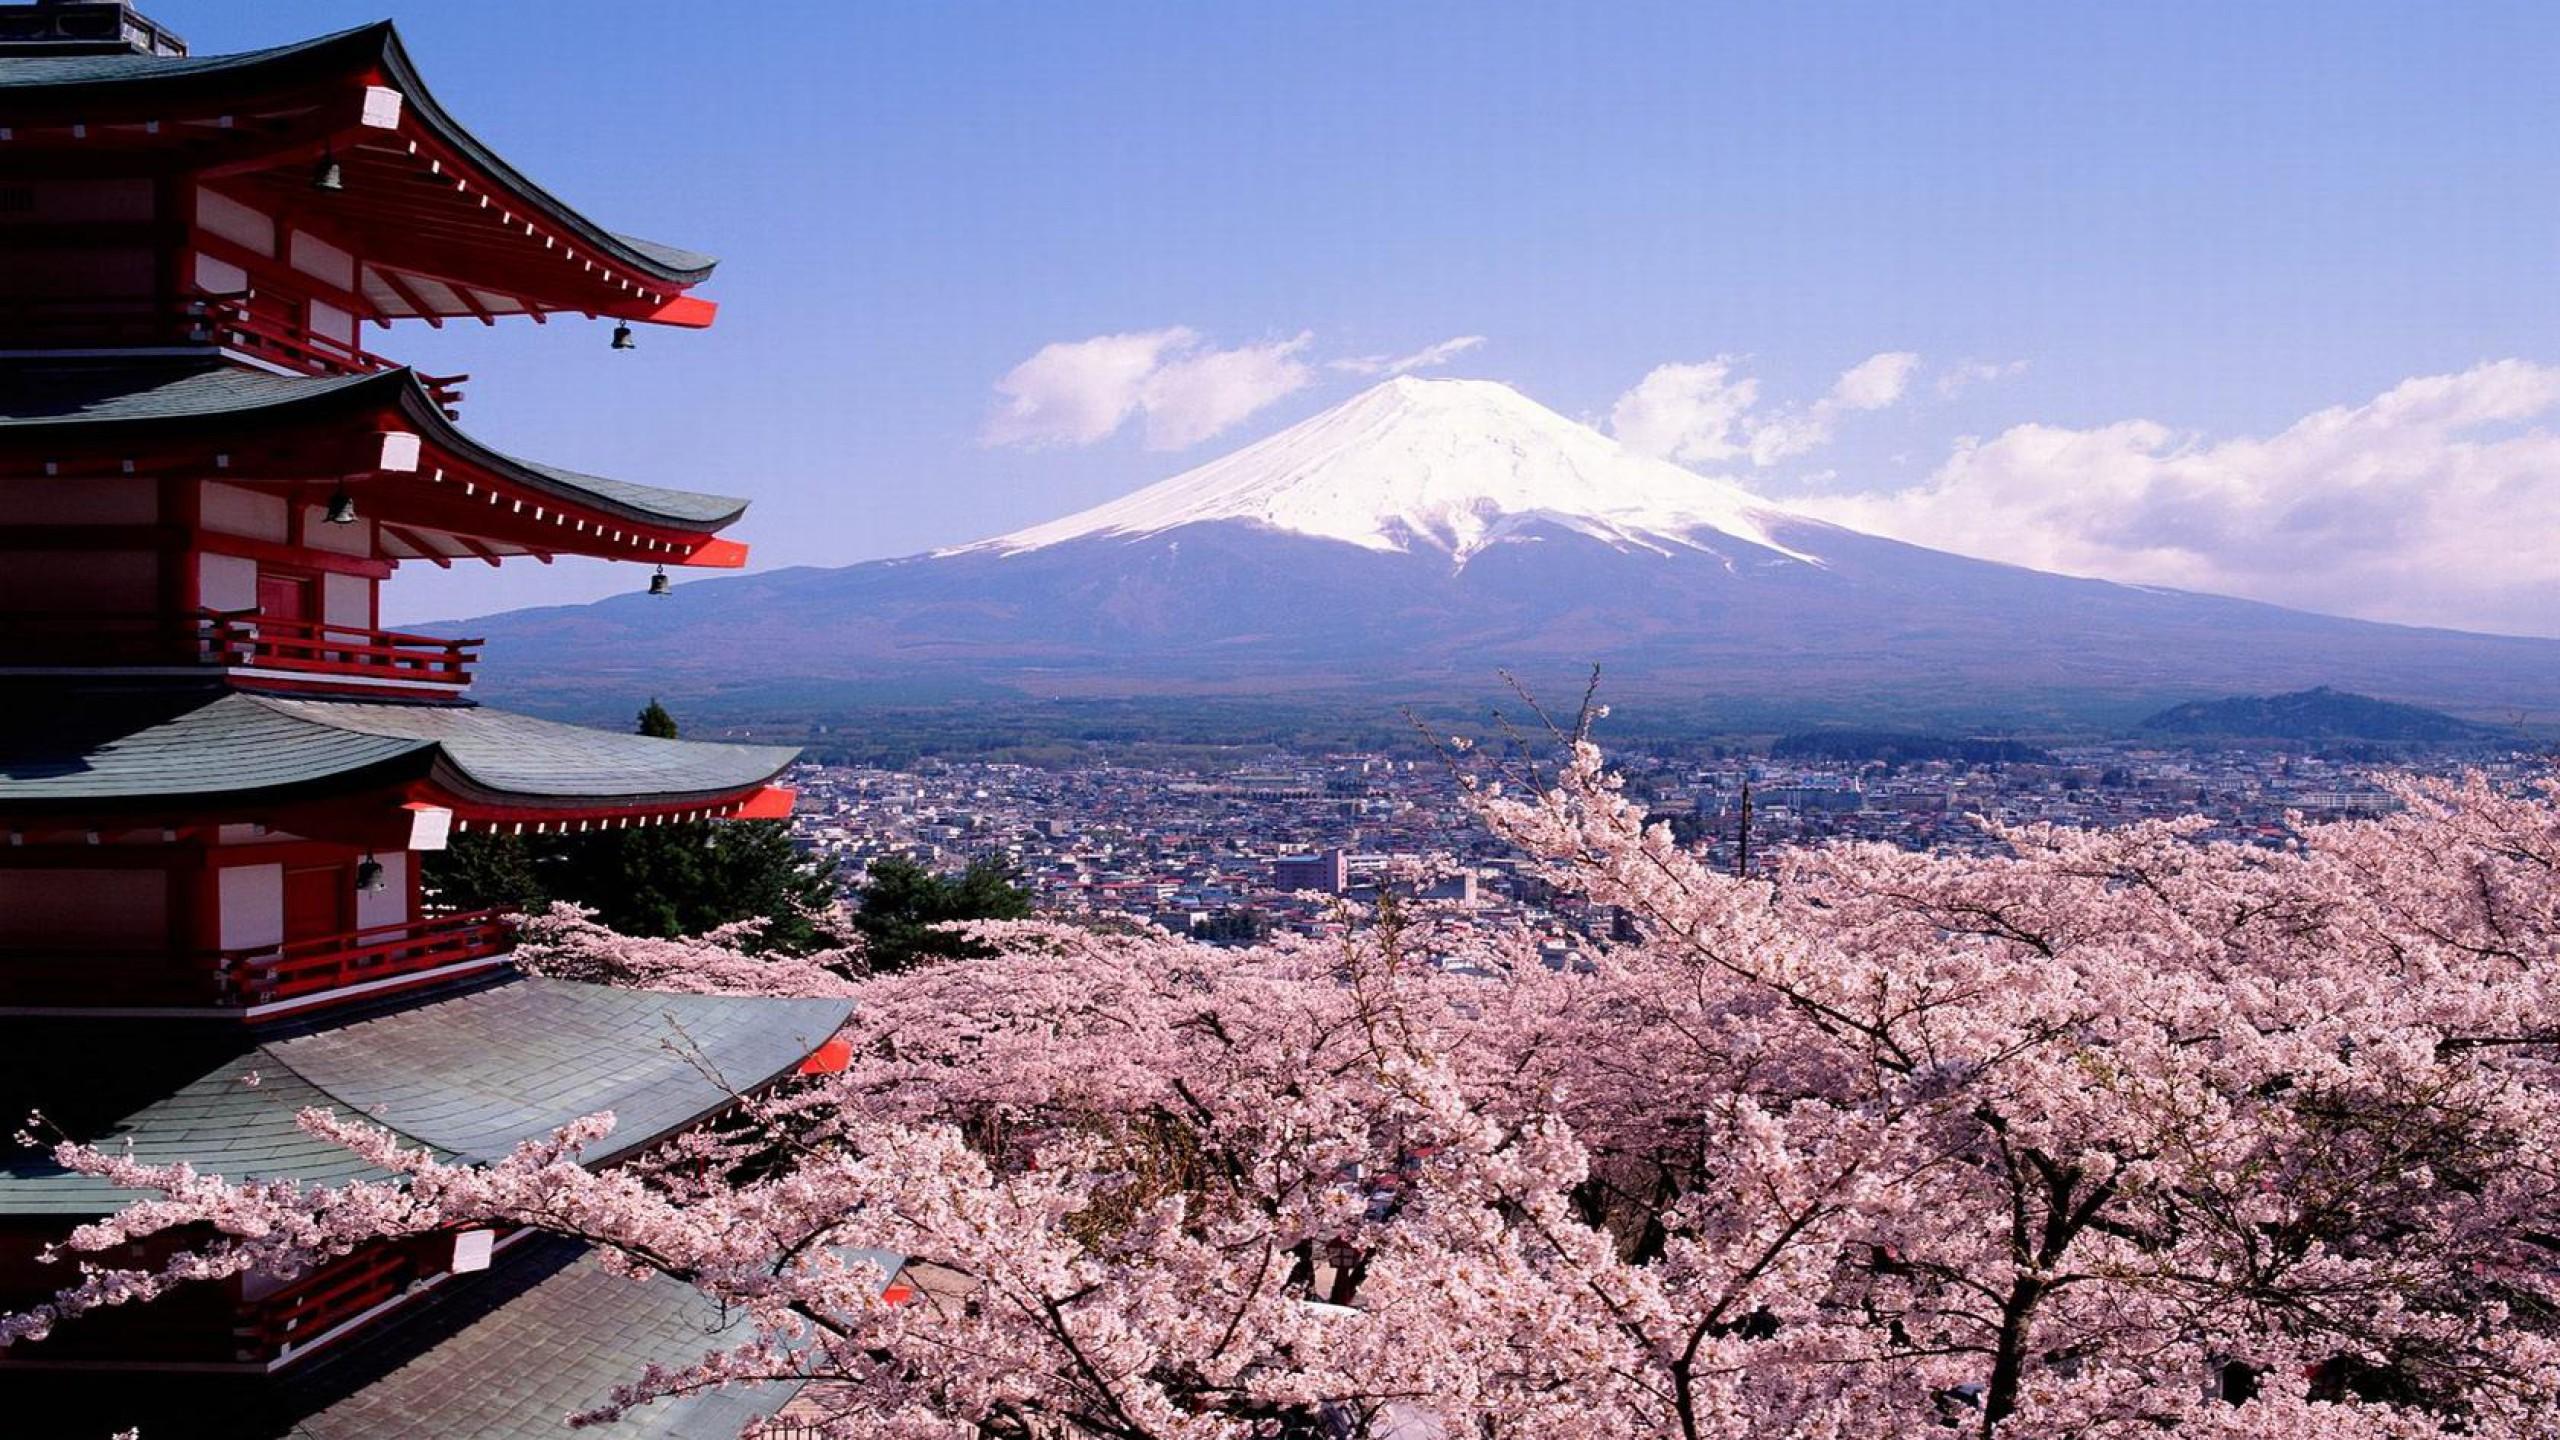 Top HD Mount Fuji Wallpaper Nature HD 9741 KB 2560x1440